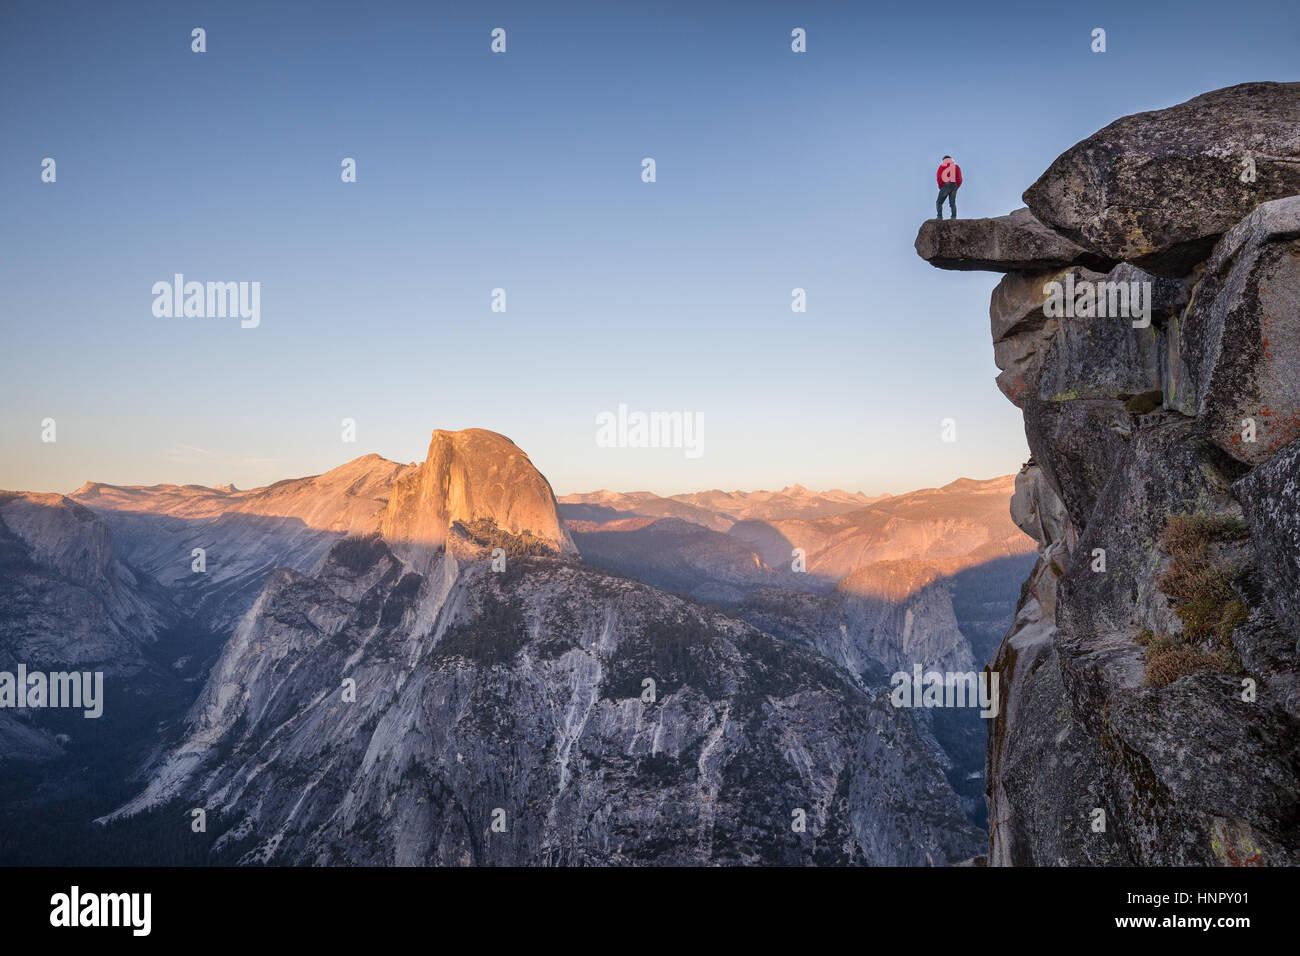 Un male hiker debout sur un rocher en surplomb à Glacier Point profiter de la vue à couper le souffle Photo Stock